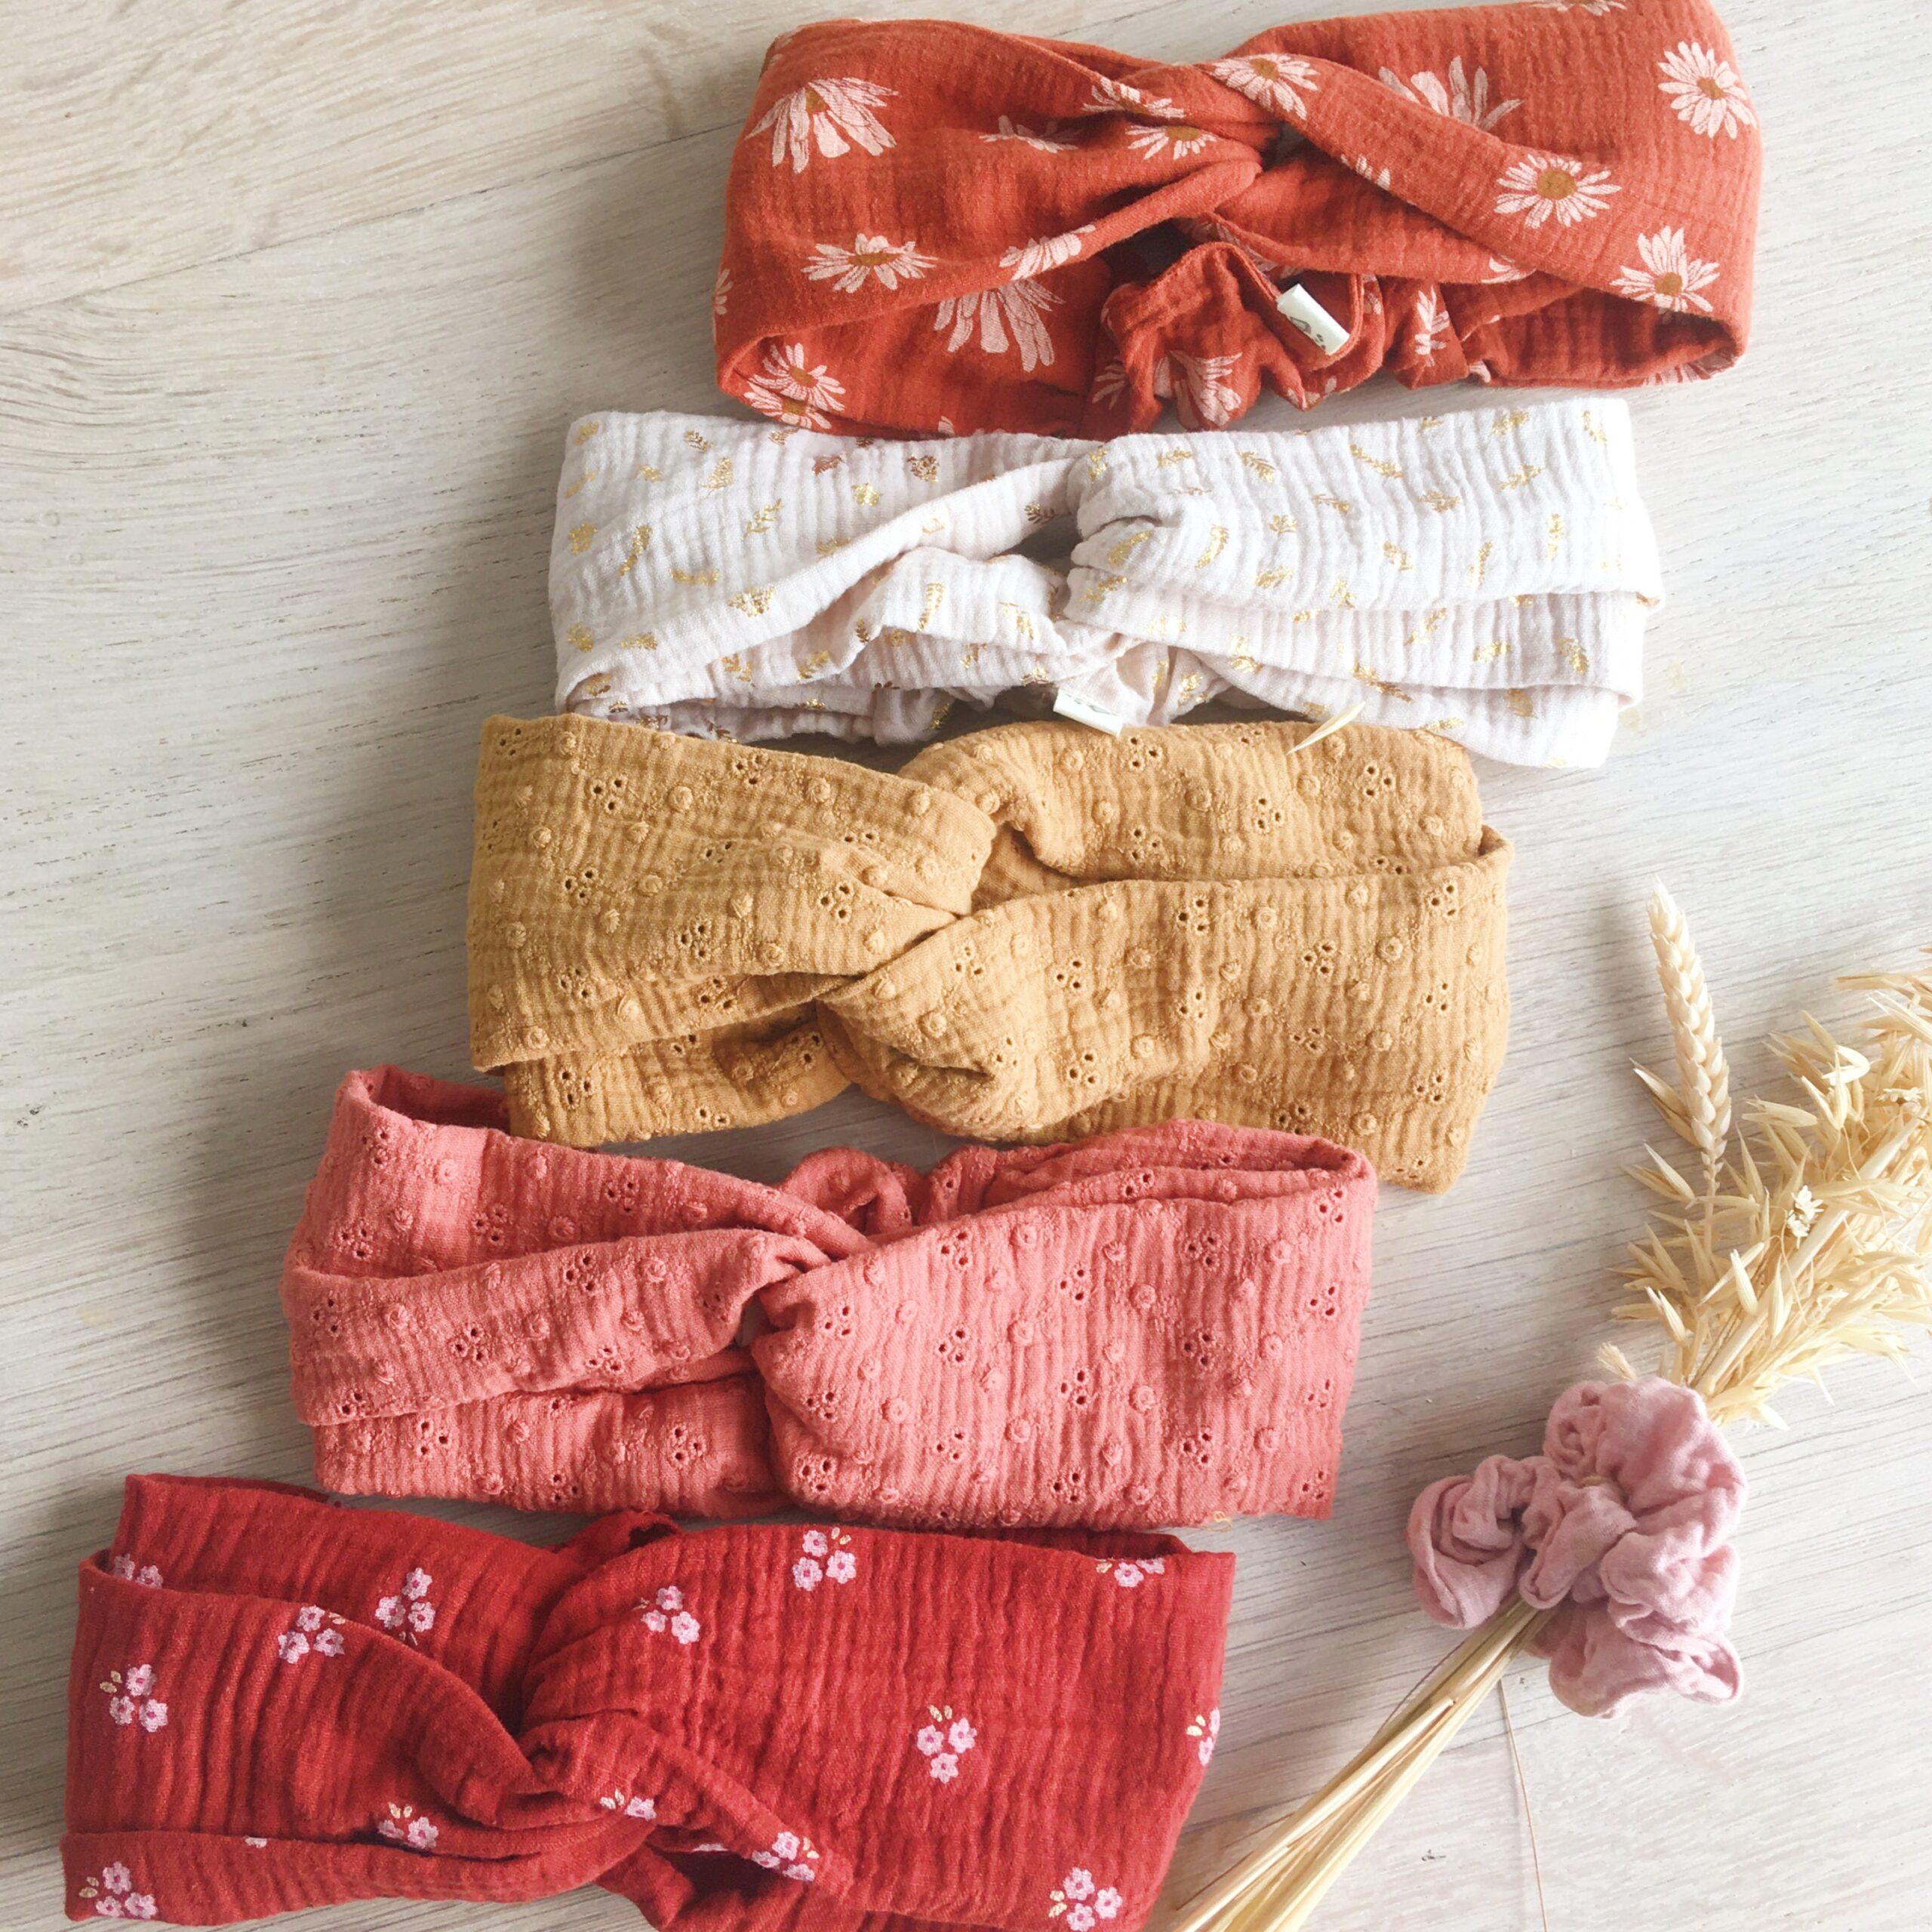 bandeau twisté headband femme fabriqués en France en double gaze de coton - du vent dans mes valises